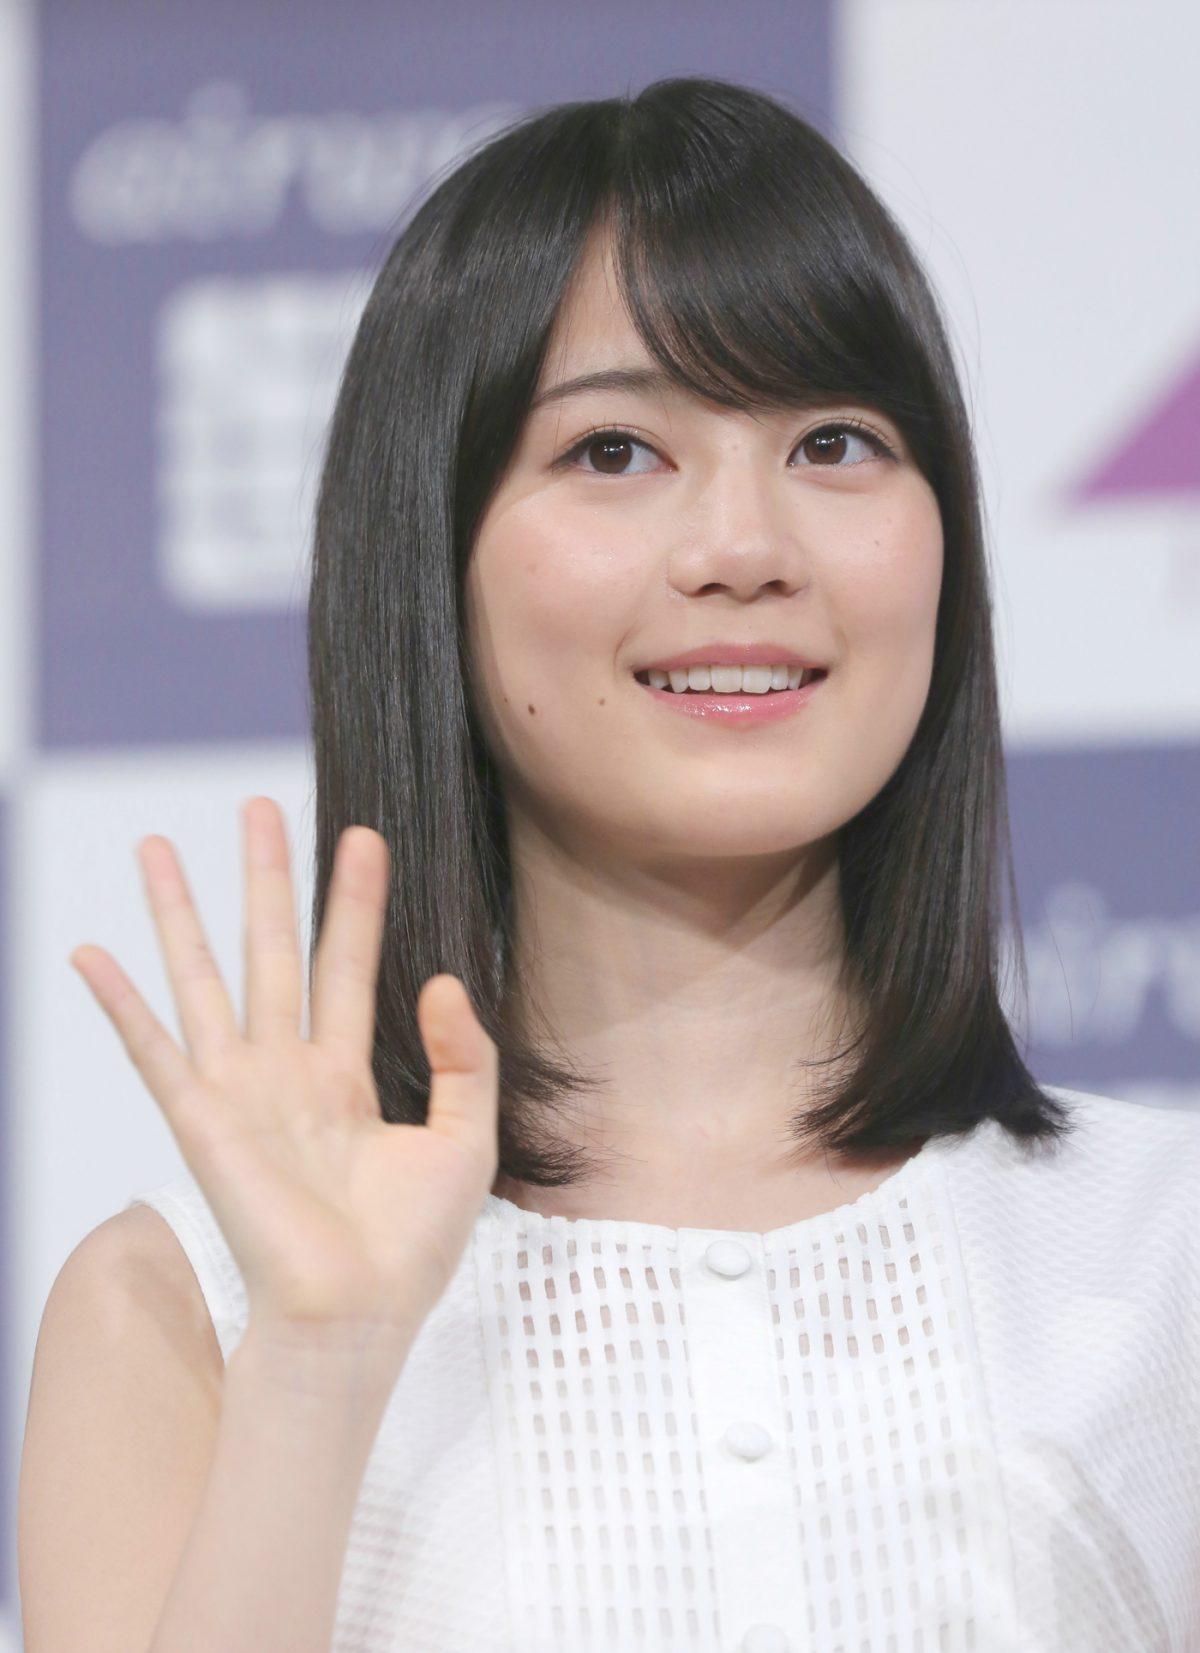 一問一報/乃木坂46・生田絵梨花